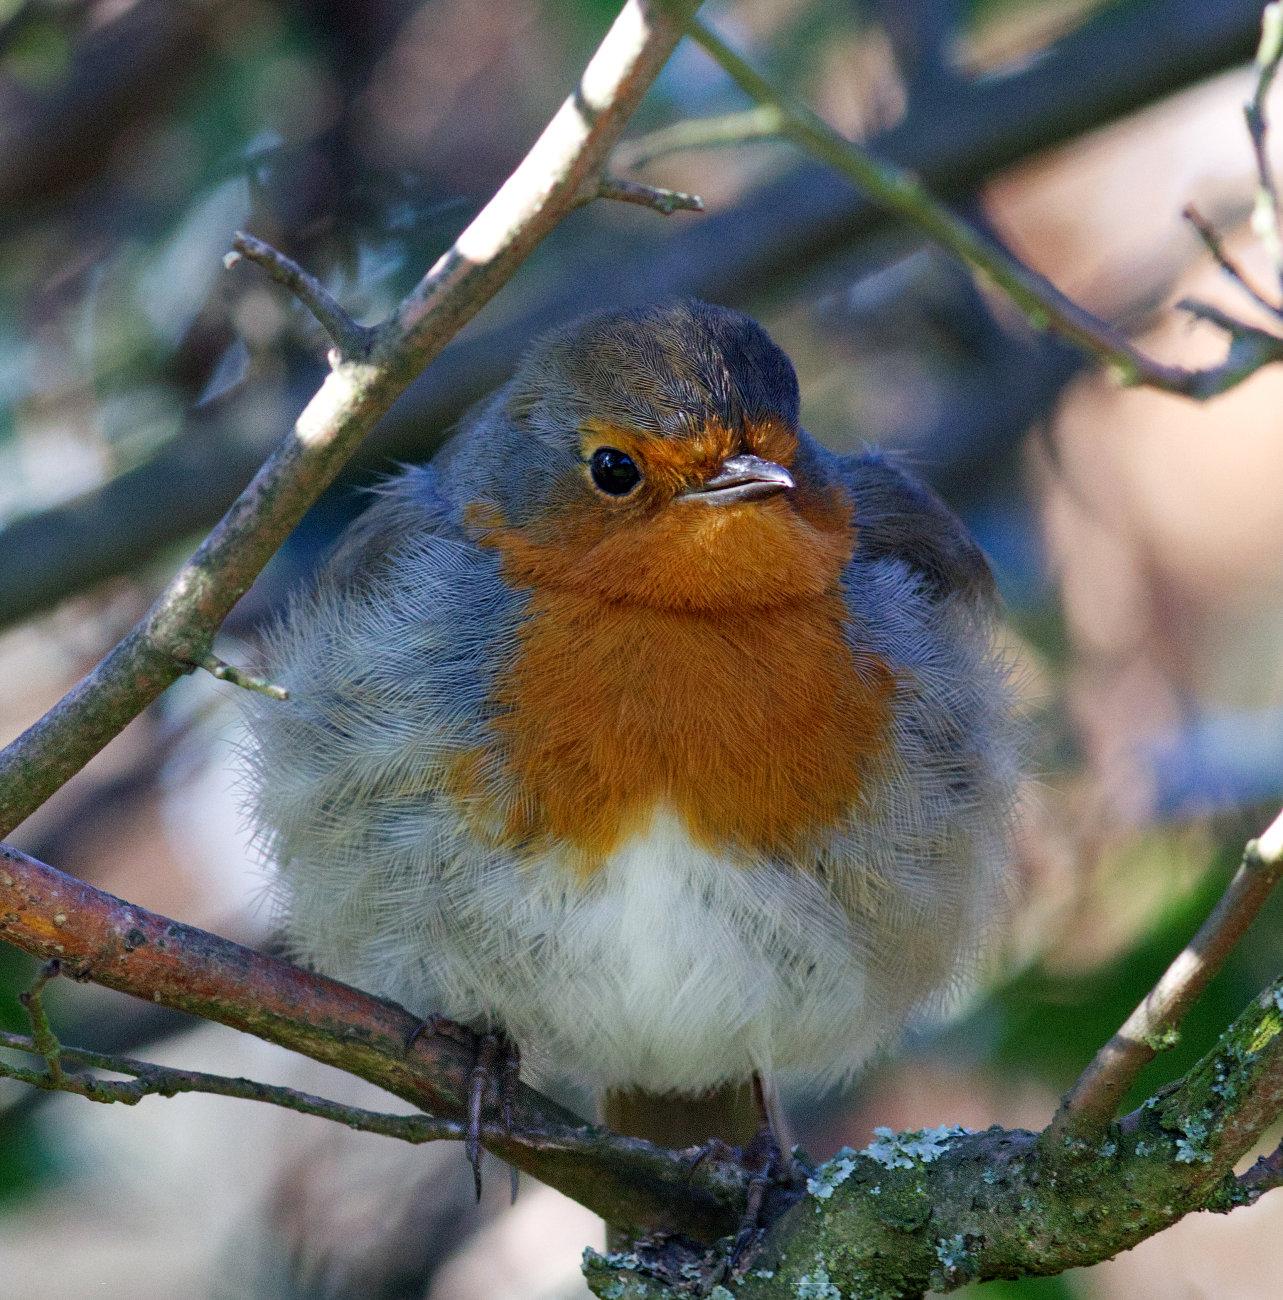 My friendly robin